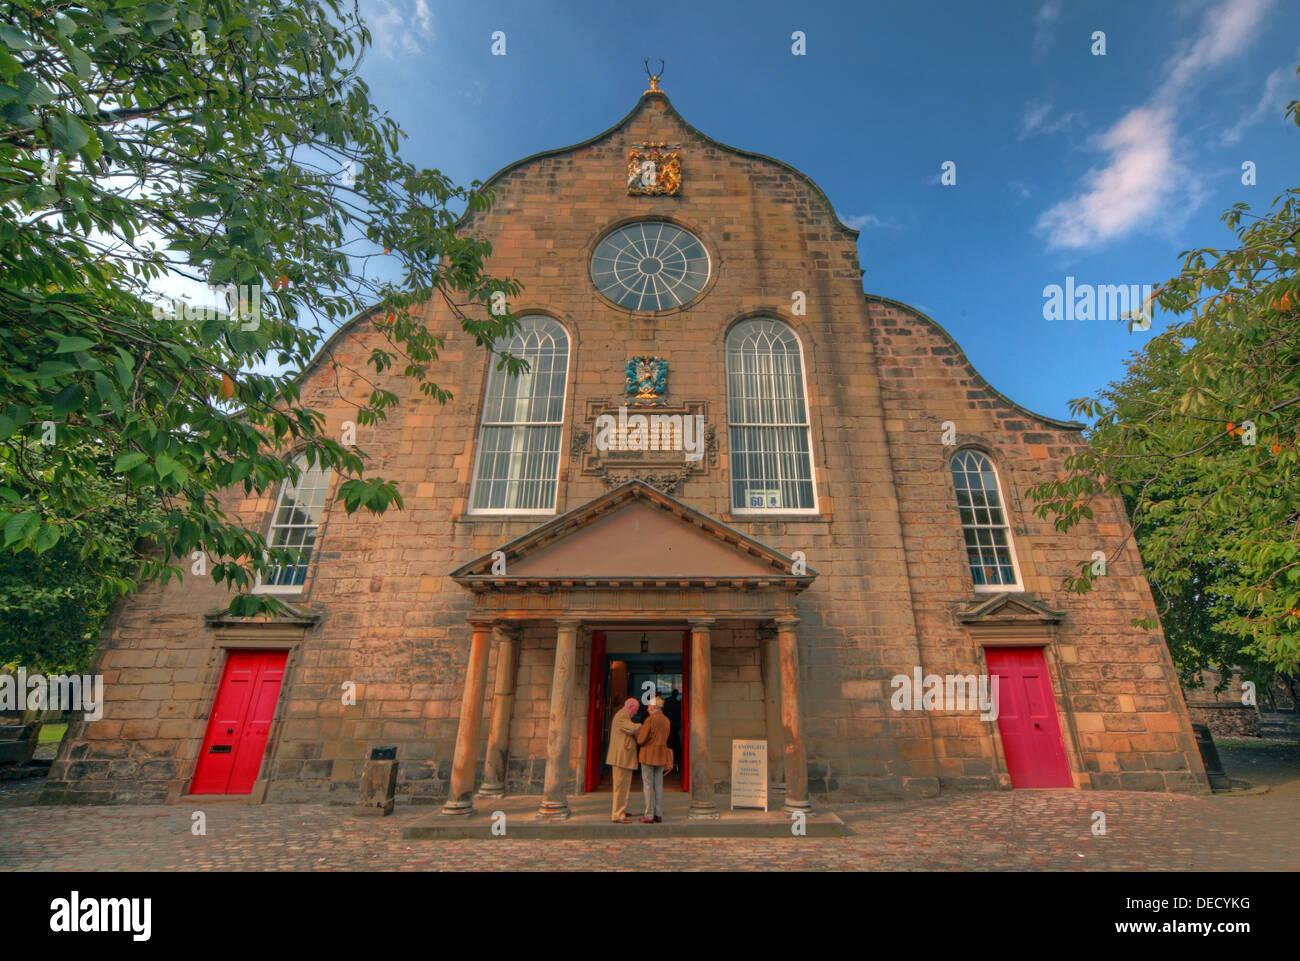 Laden Sie dieses Alamy Stockfoto Canongate Kirk Kirche Edinburgh Royal Mile, Schottland, UK außen im Sommer 2013 - DECYKG